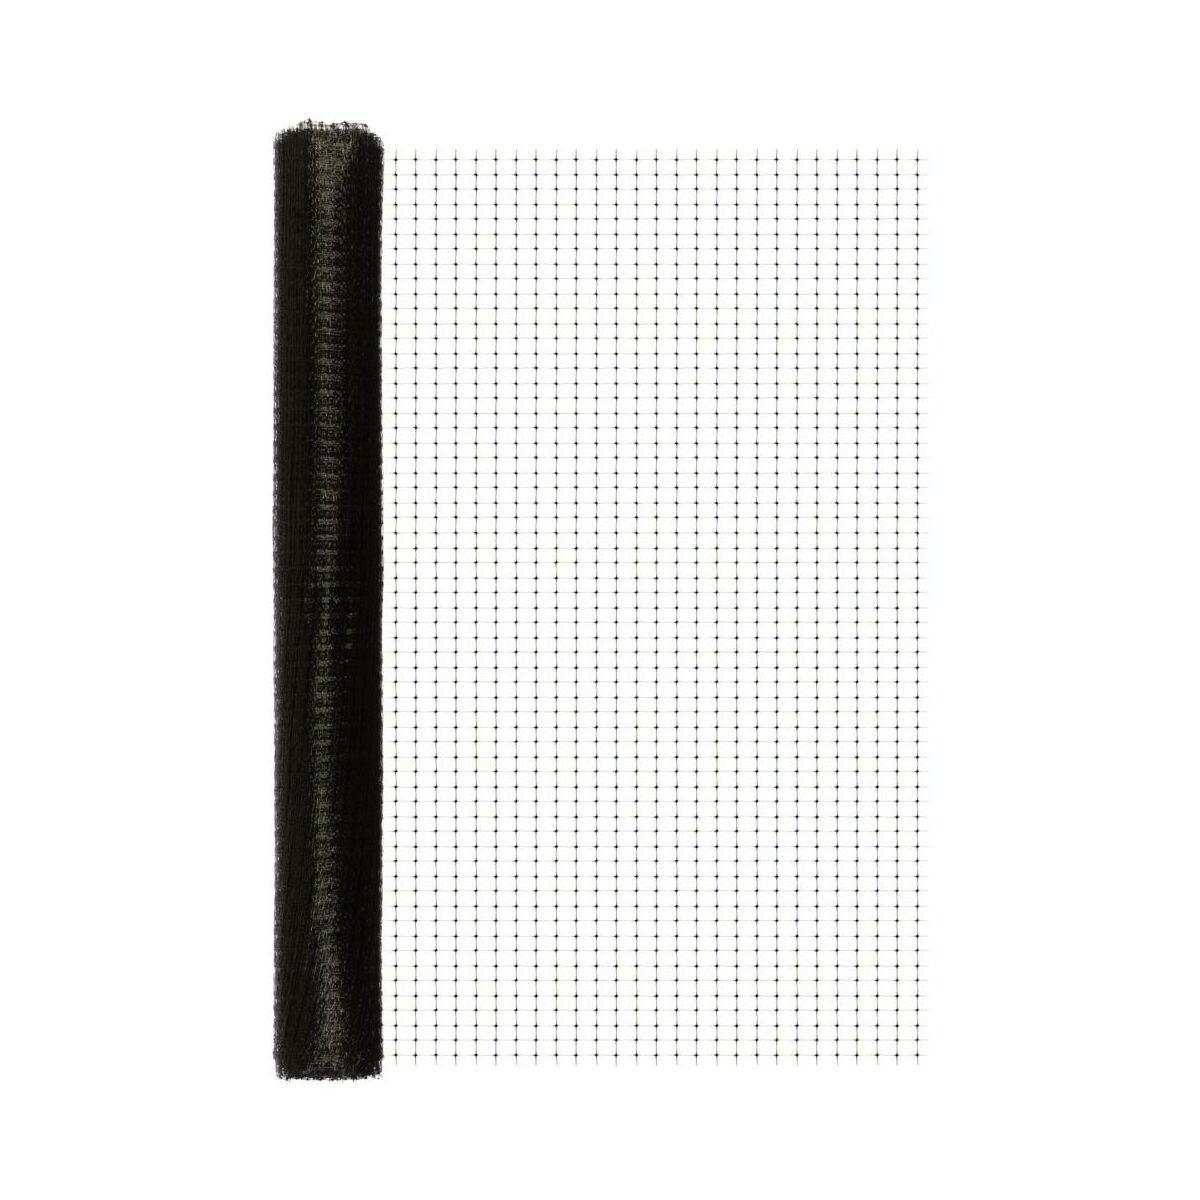 Siatka Plastikowa Na Krety 1 X 20 M Czarna Skn Bis Siatki Ochronne W Atrakcyjnej Cenie W Sklepach Leroy Merlin